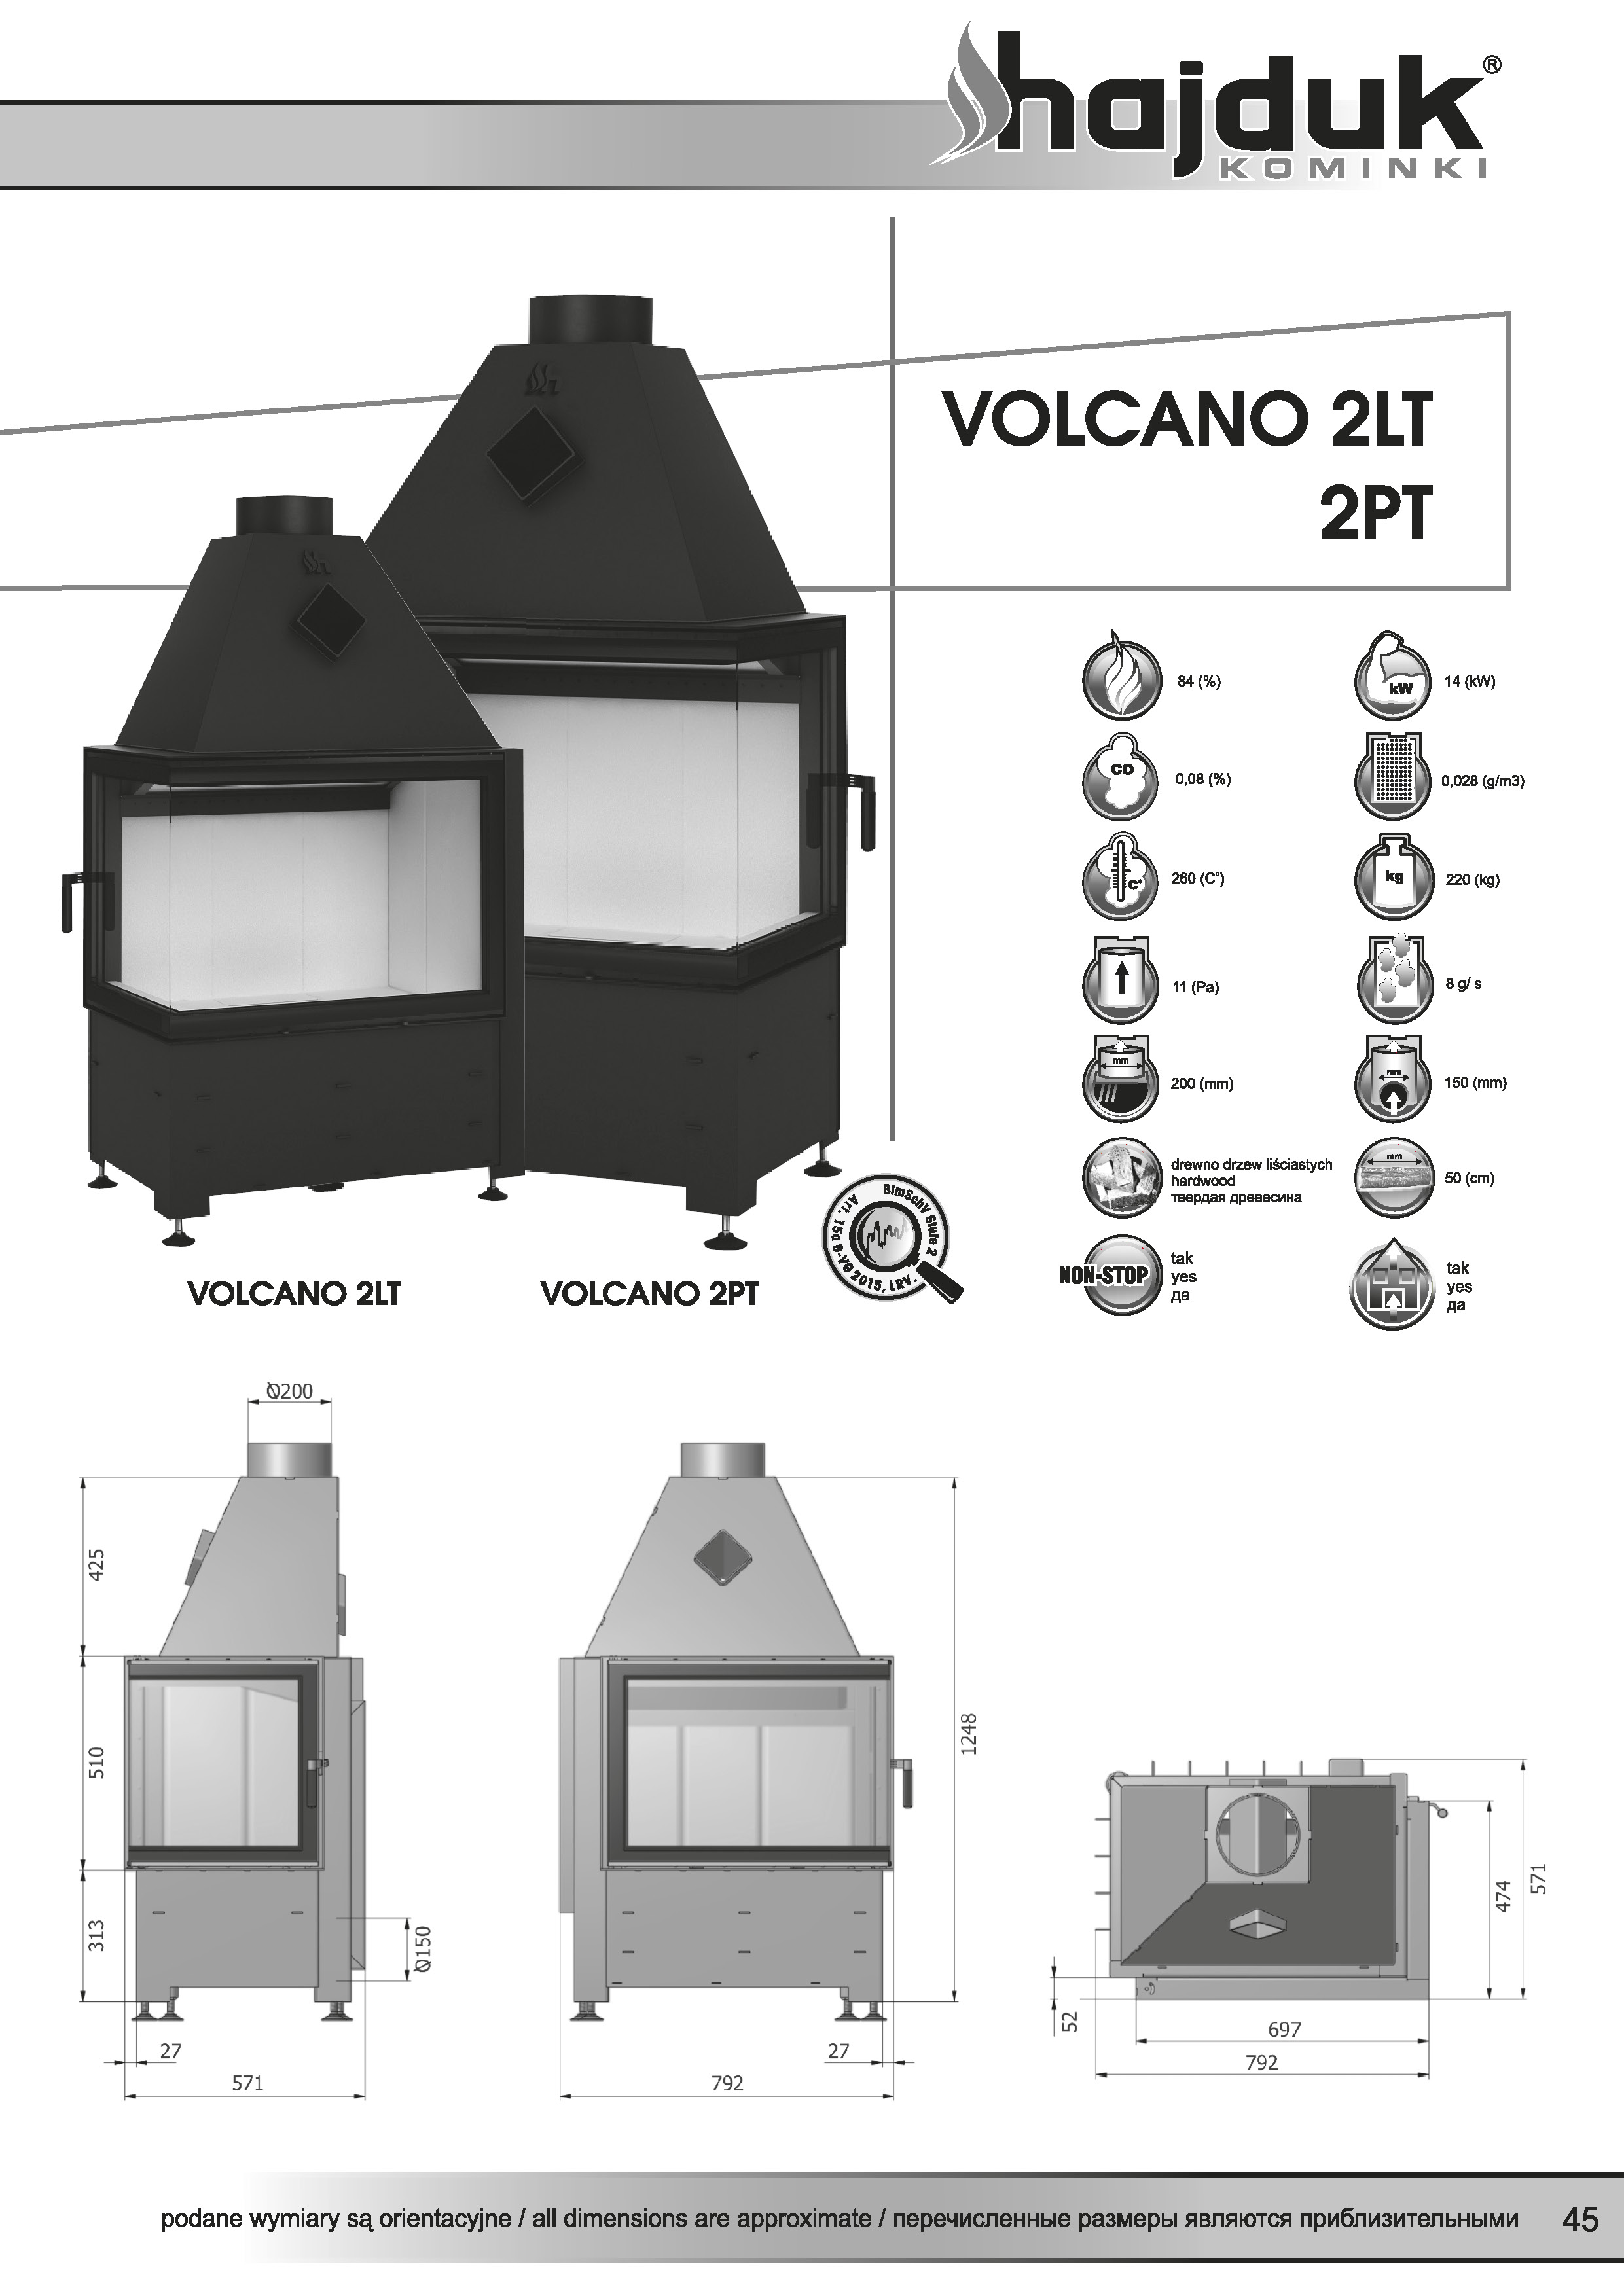 Volcano%202LT%202PT%20 %20karta%20techniczna - Wkład kominkowy Hajduk Volcano 2LT  - drzwiczki bezramowe